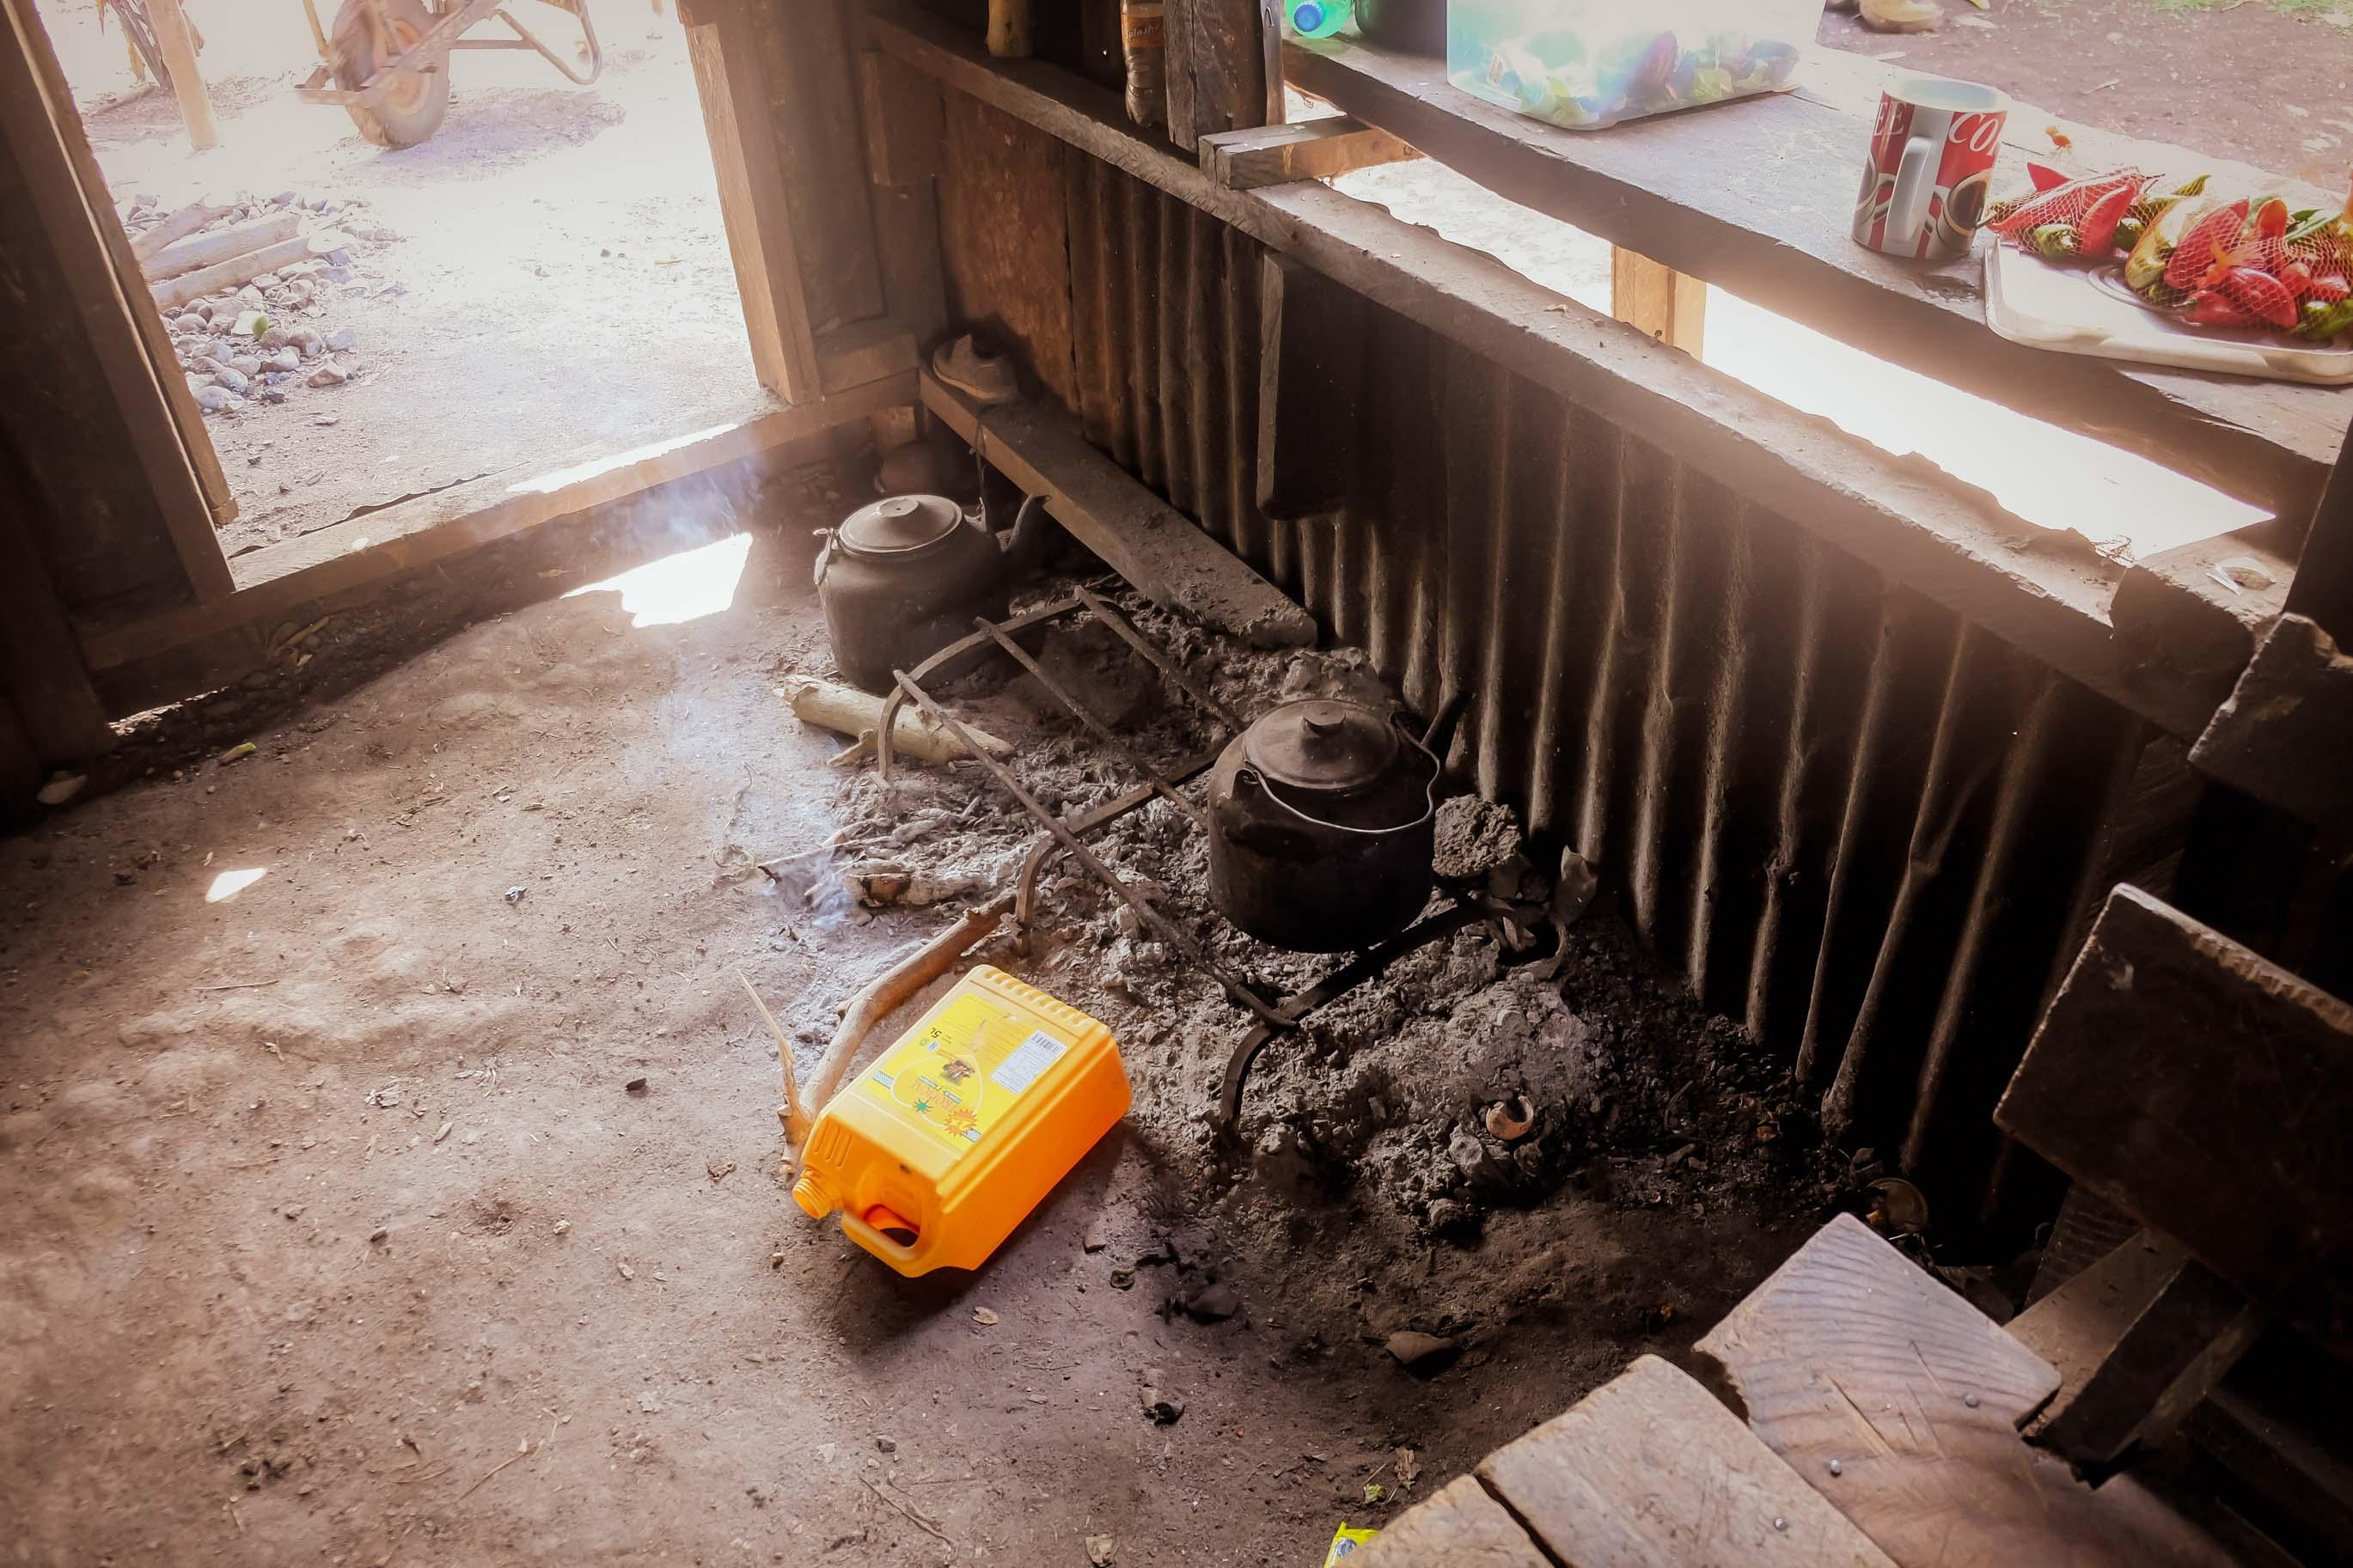 Skromný život lidí na Vanuatu v Jižním Pacififku, Osobní zkušenosti